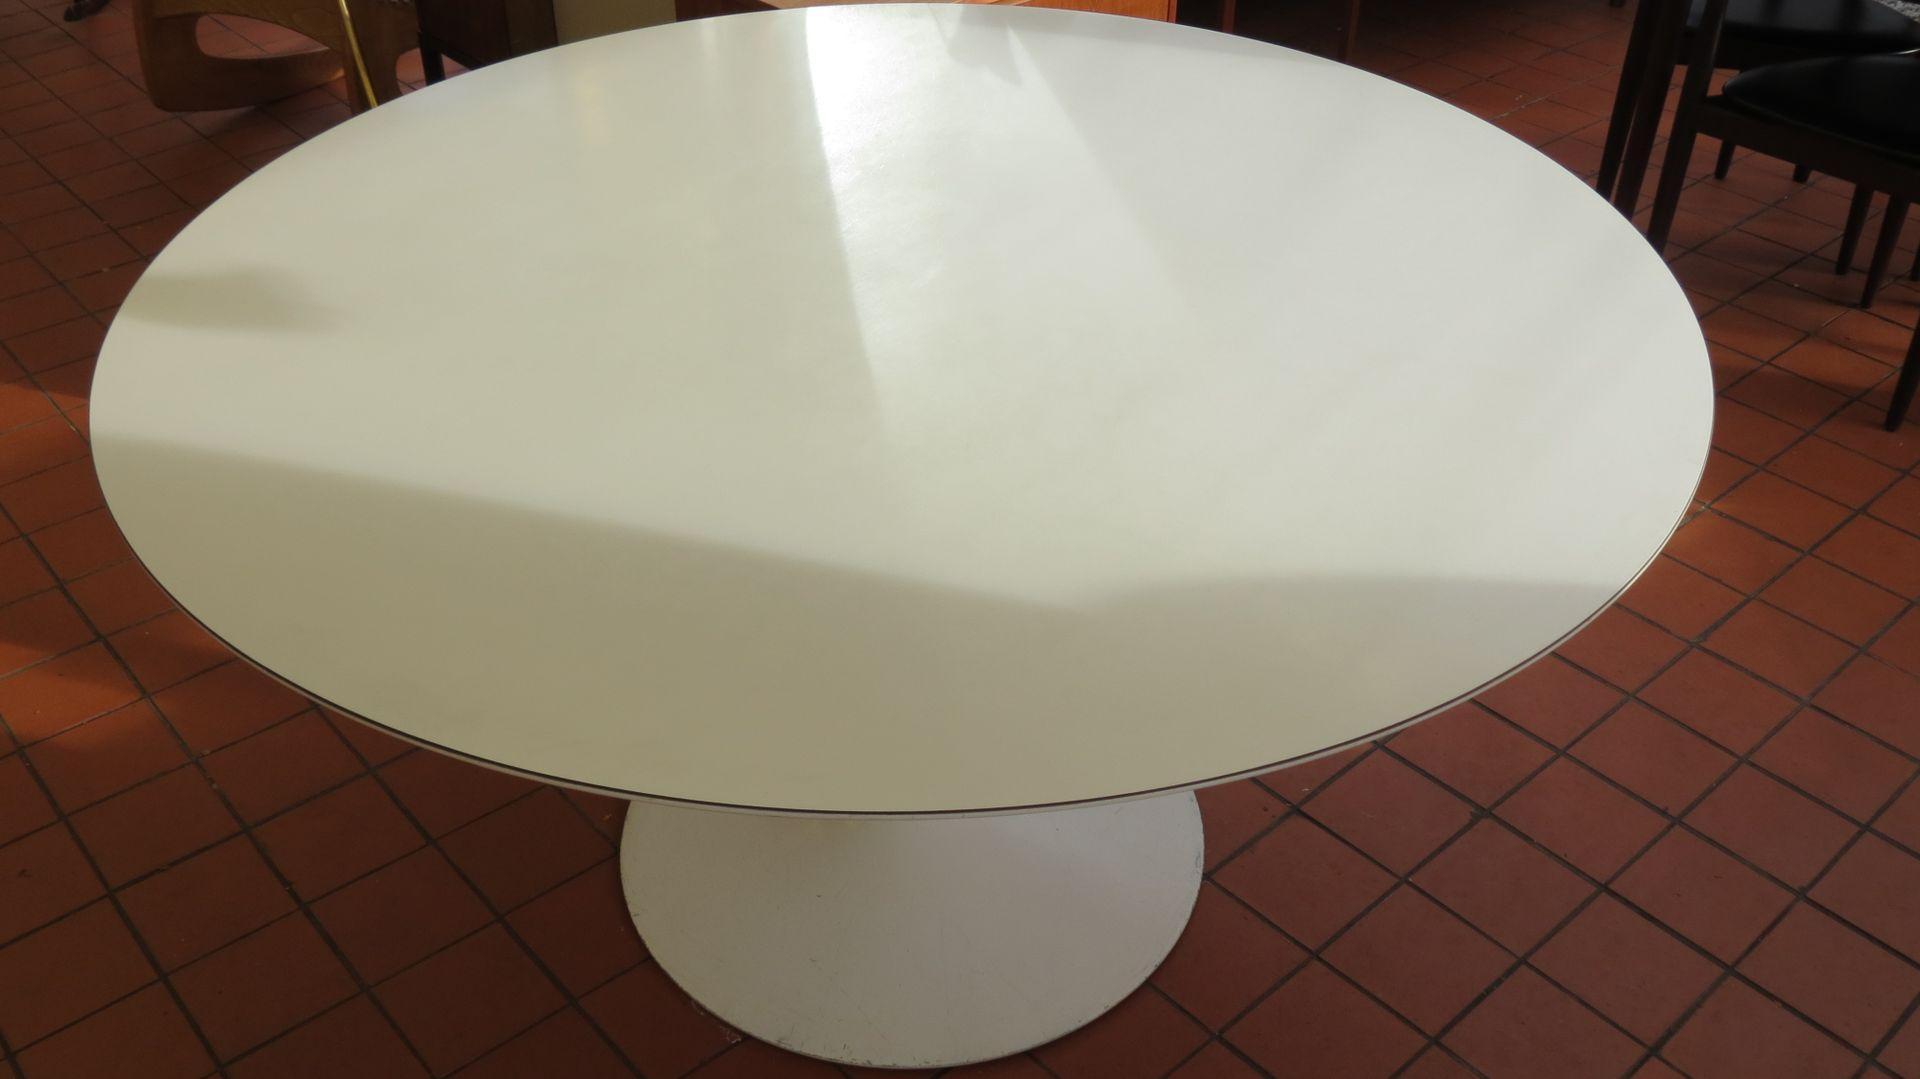 Table de salle manger par eero saarinen pour knoll for Table de salle a manger knoll